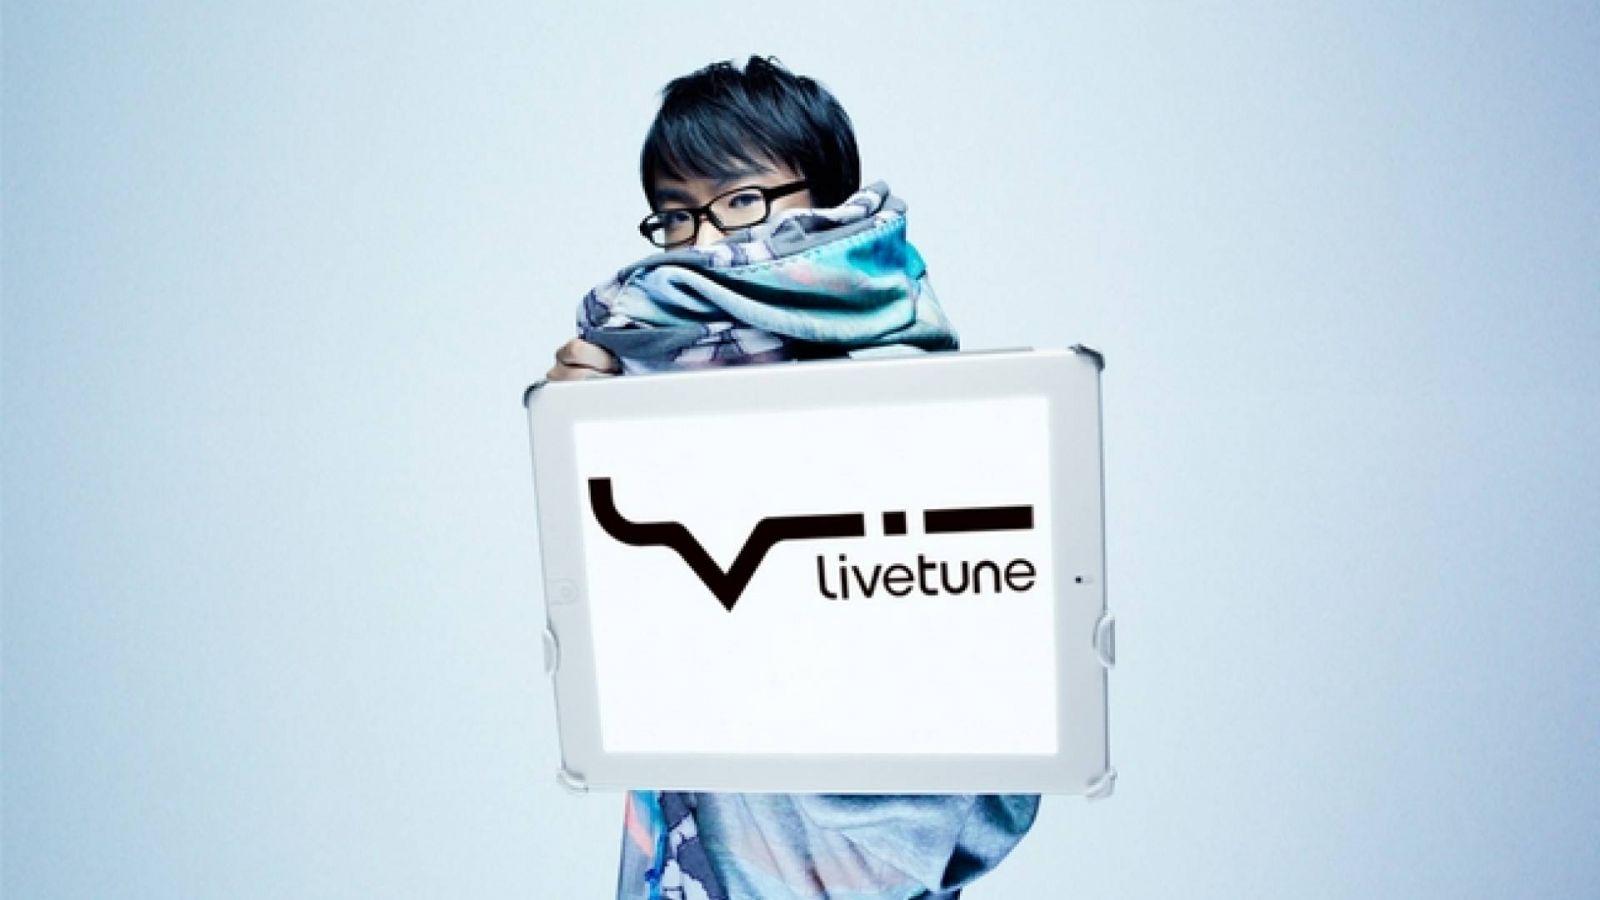 To, novo álbum de livetune © livetune